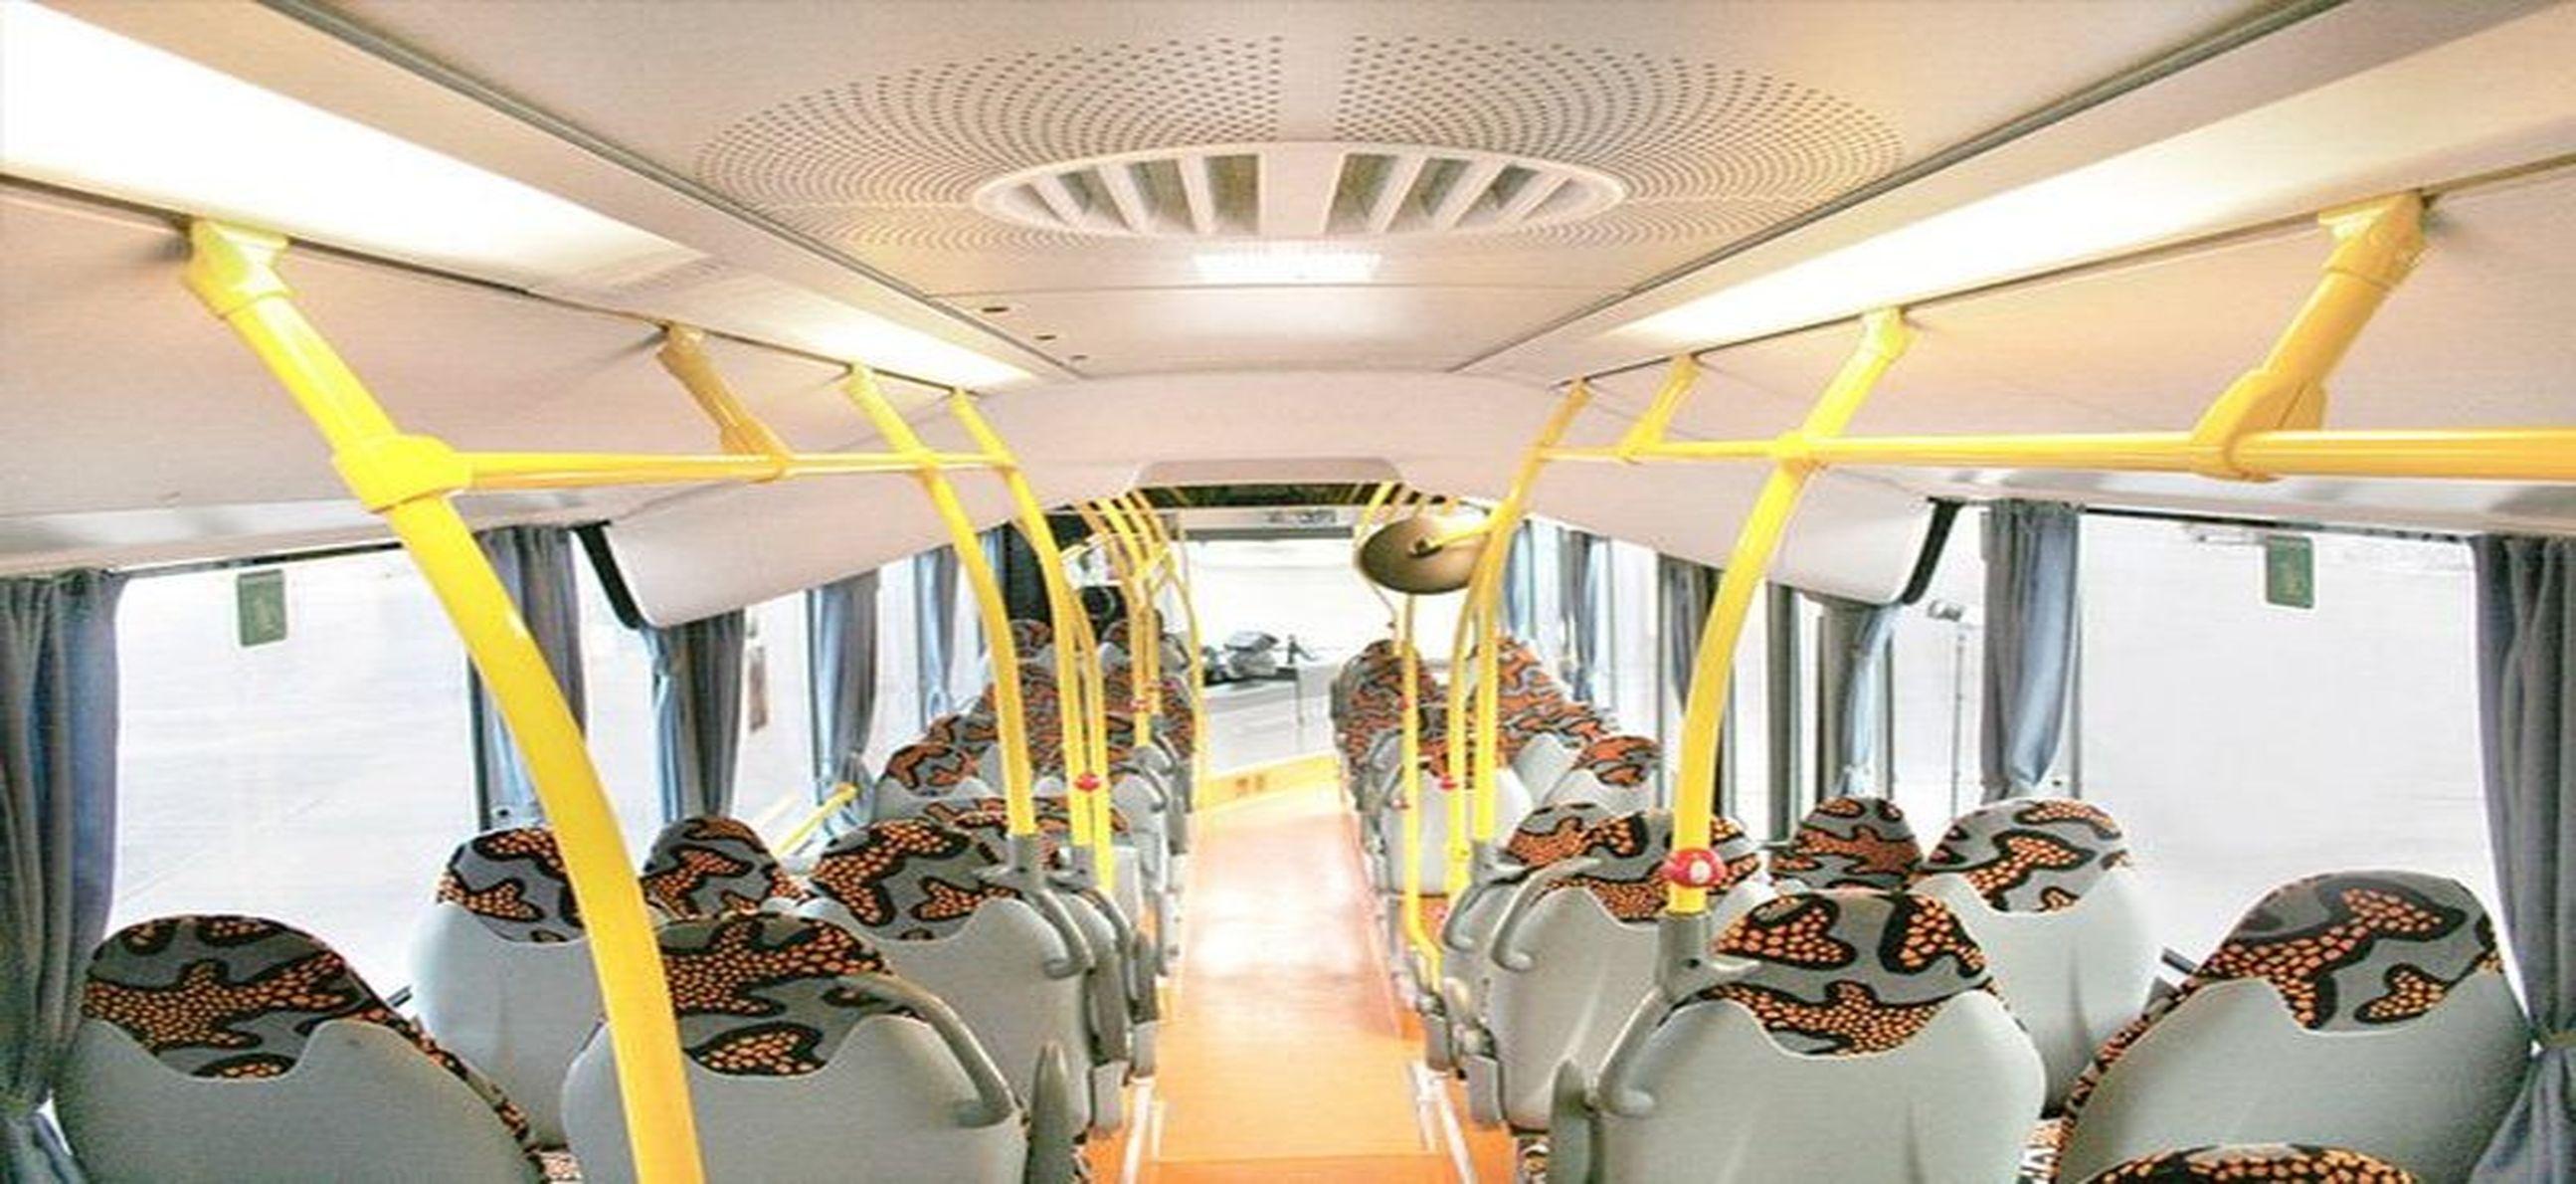 TEKNOWARE-–-interiérového-osvětlení-pro-vozidla-hromadné-přepravy